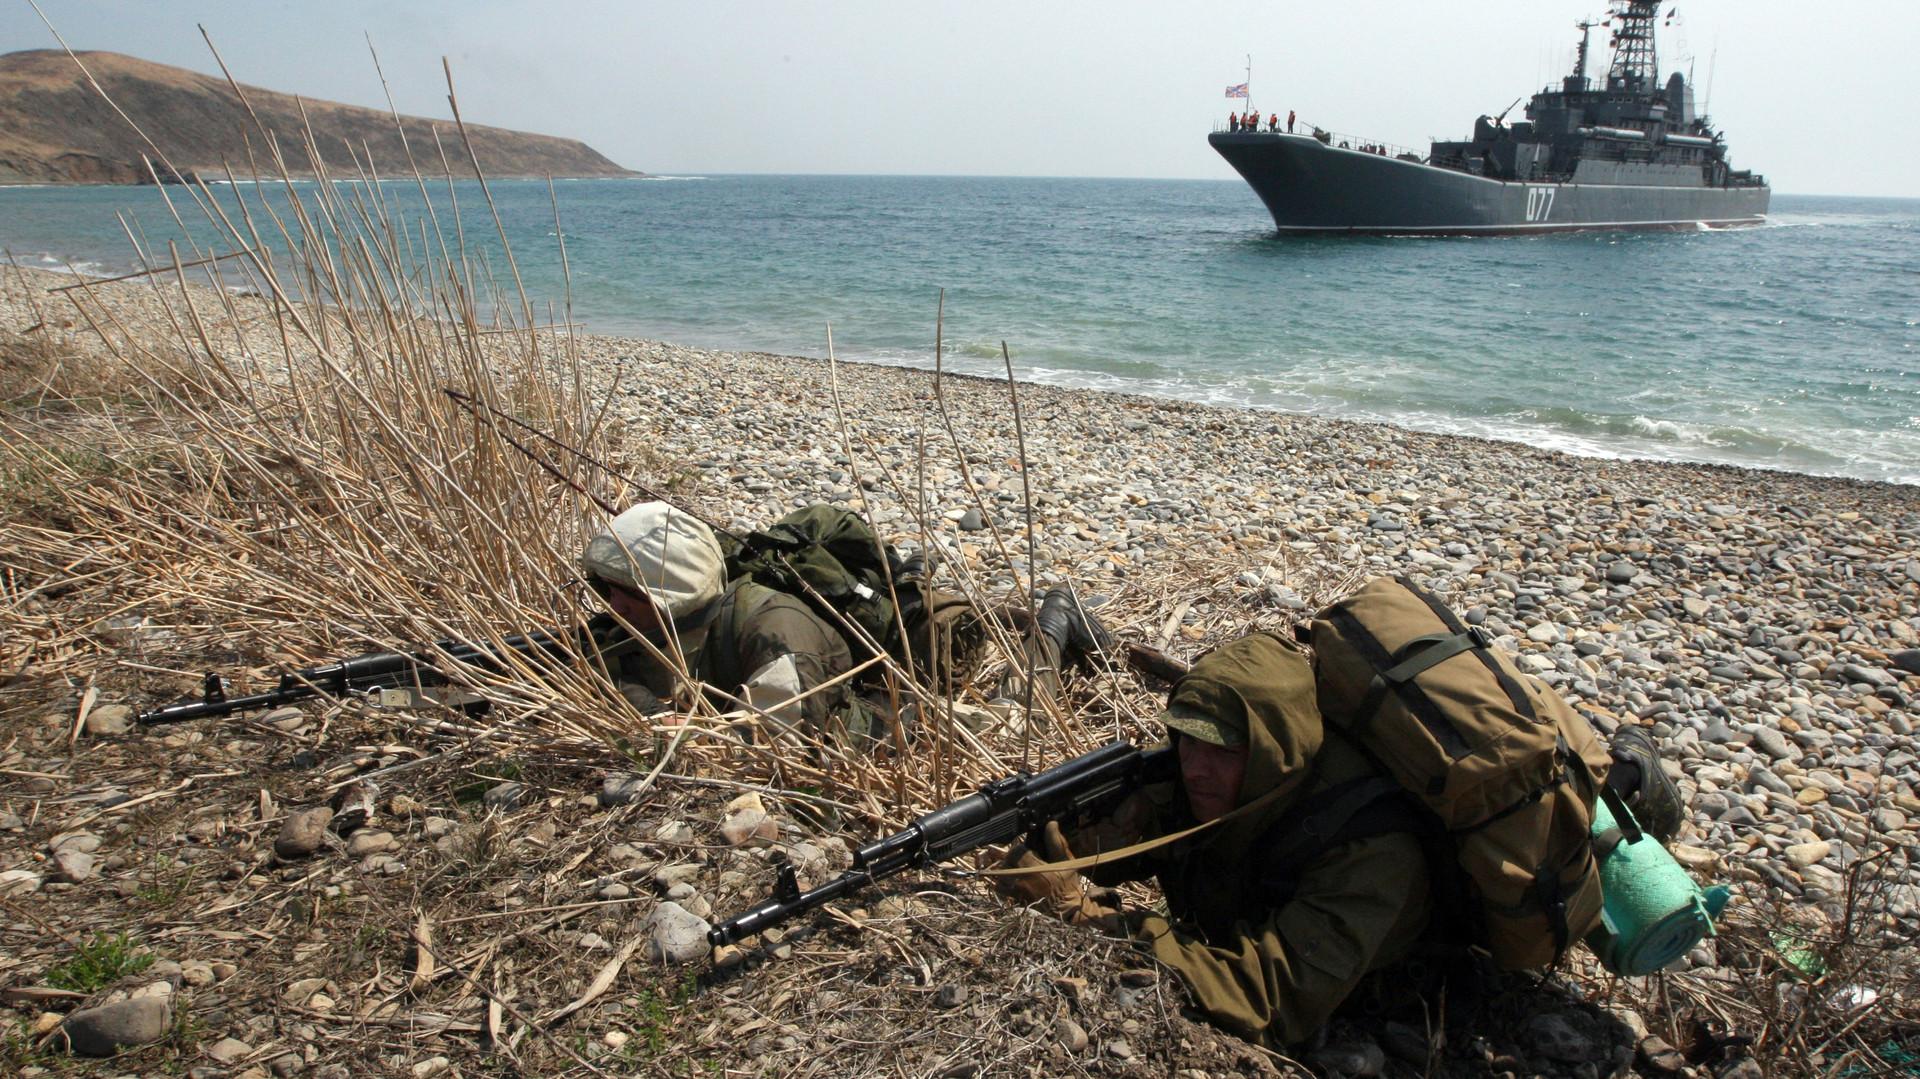 статье картинки высадка морской пехоты очень скучаю